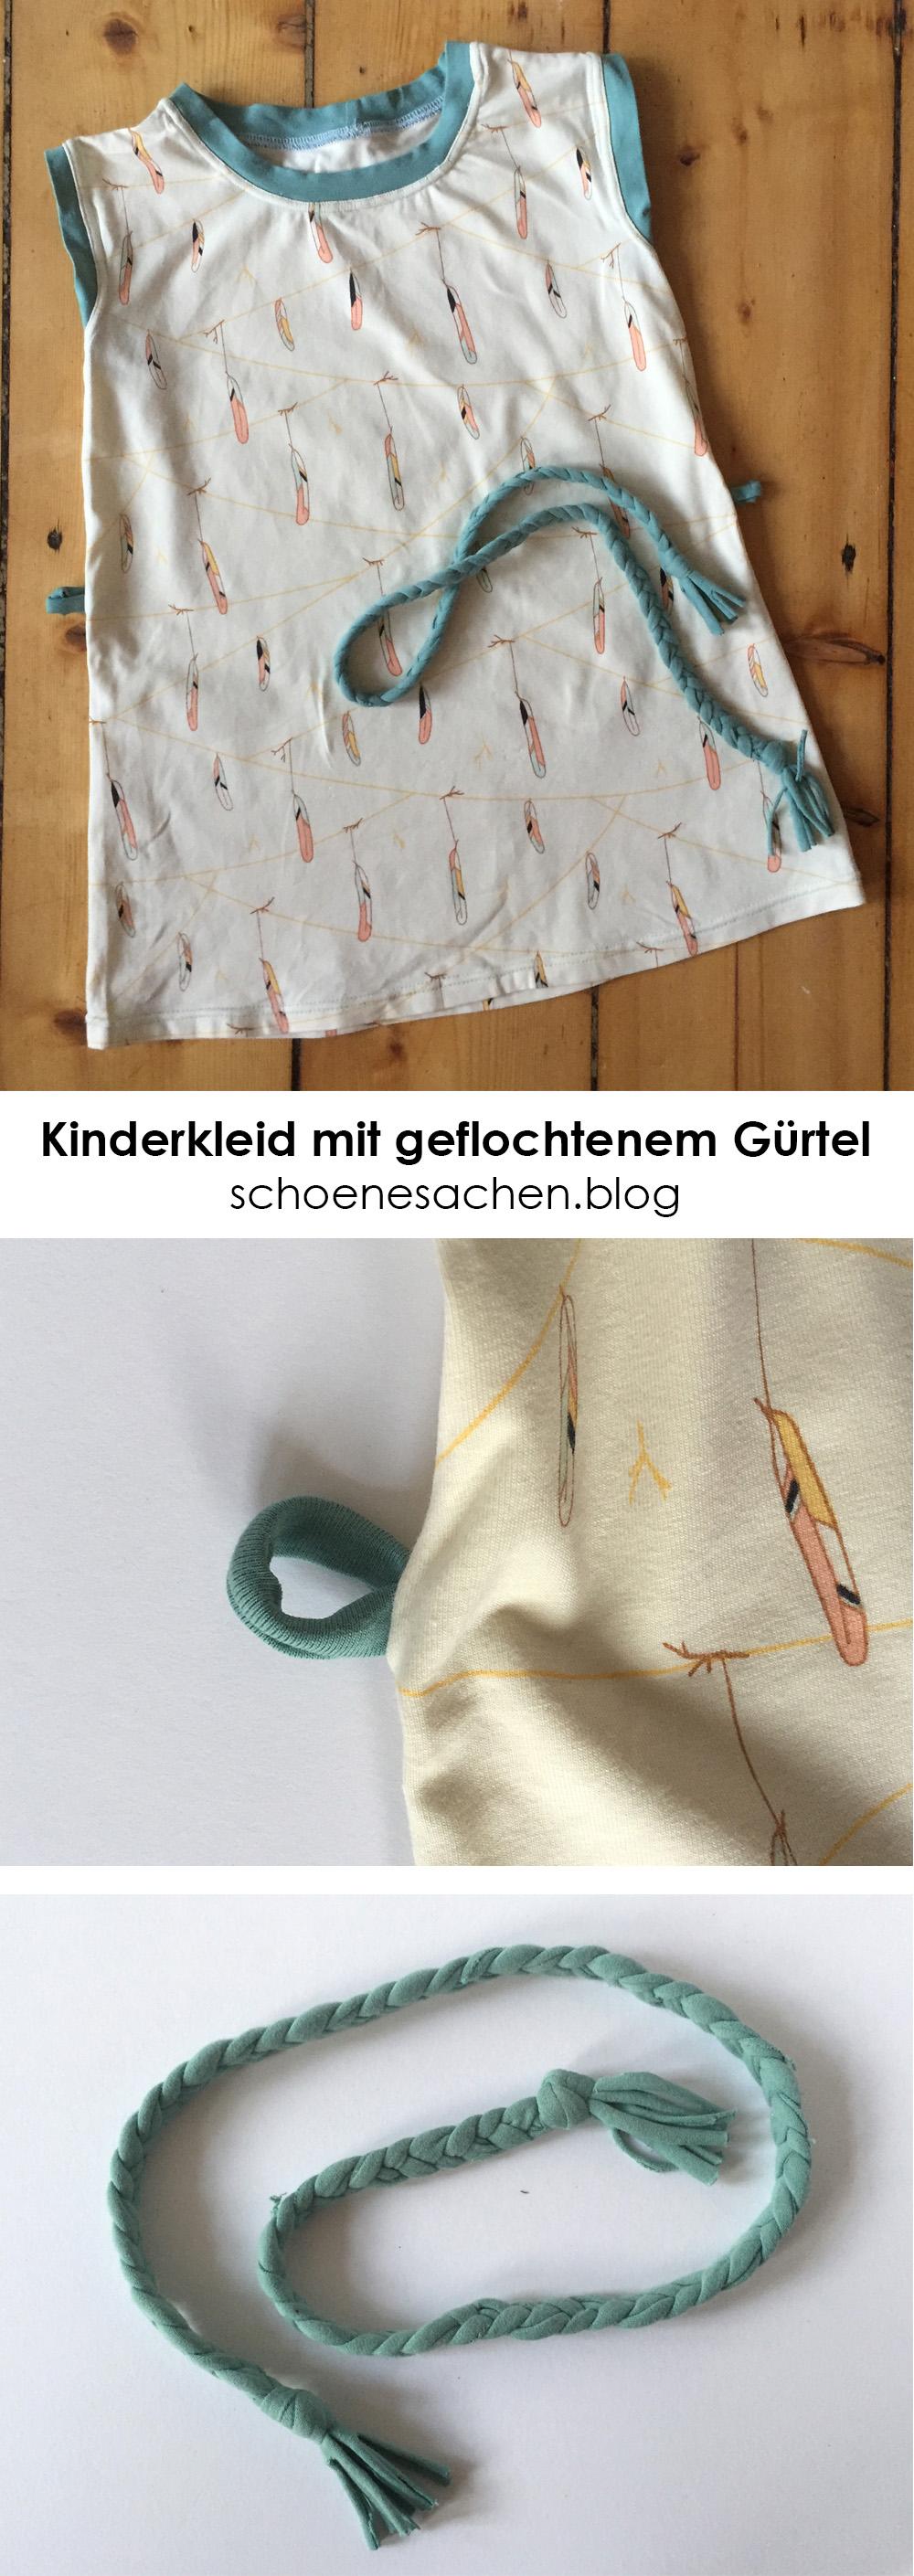 schlichtes Kinderkleid mit Gürtel nähen, Gürtel aus Stoff flechten, Stoffgürtel für Kleid selber machen, Gürtel mit passenden Gürtelschlaufen nähen,